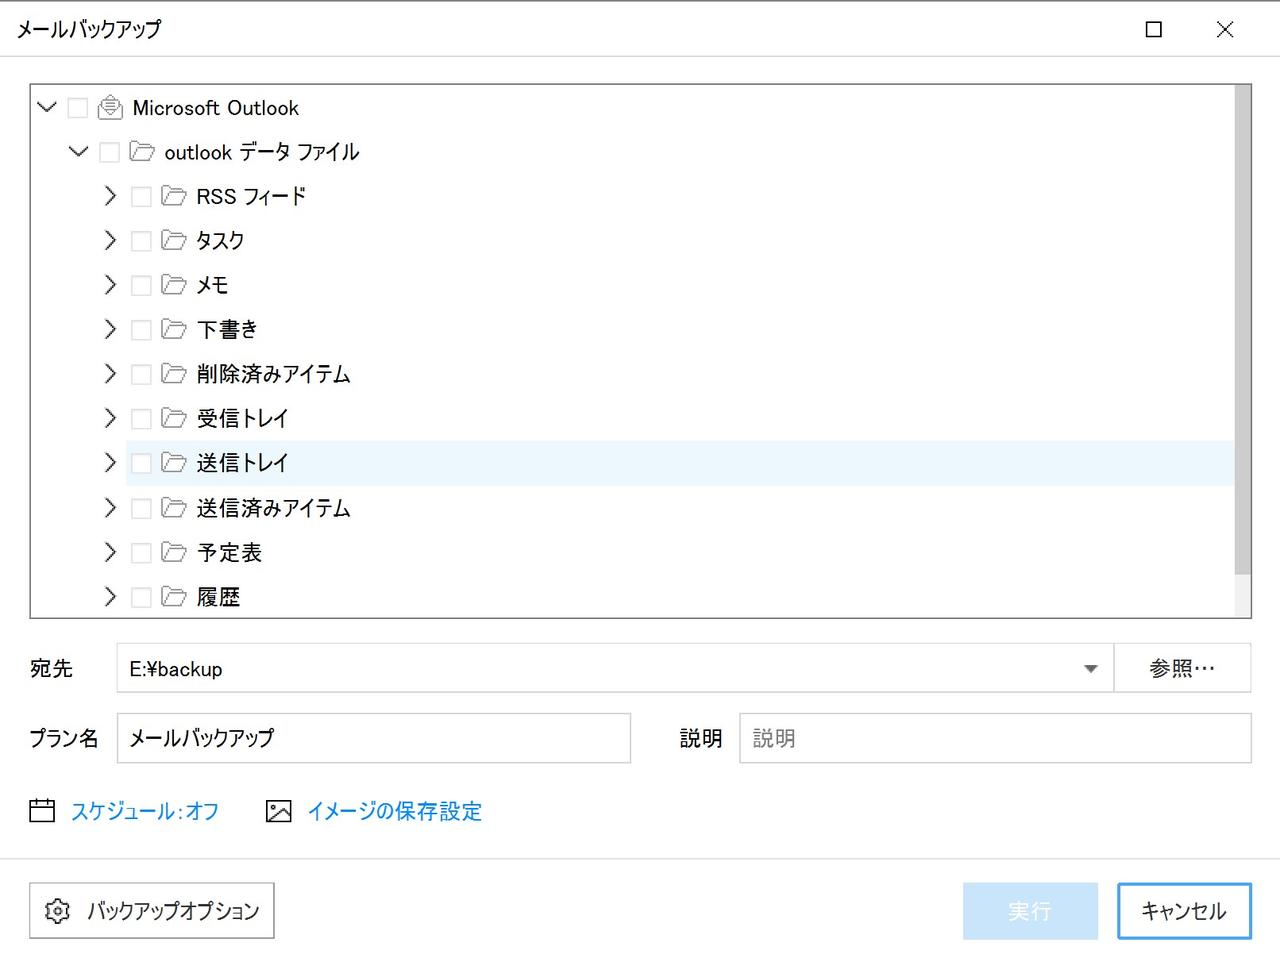 メールバックアップはOutlookのデータファイル内の特定のフォルダを選択してバックアップできます